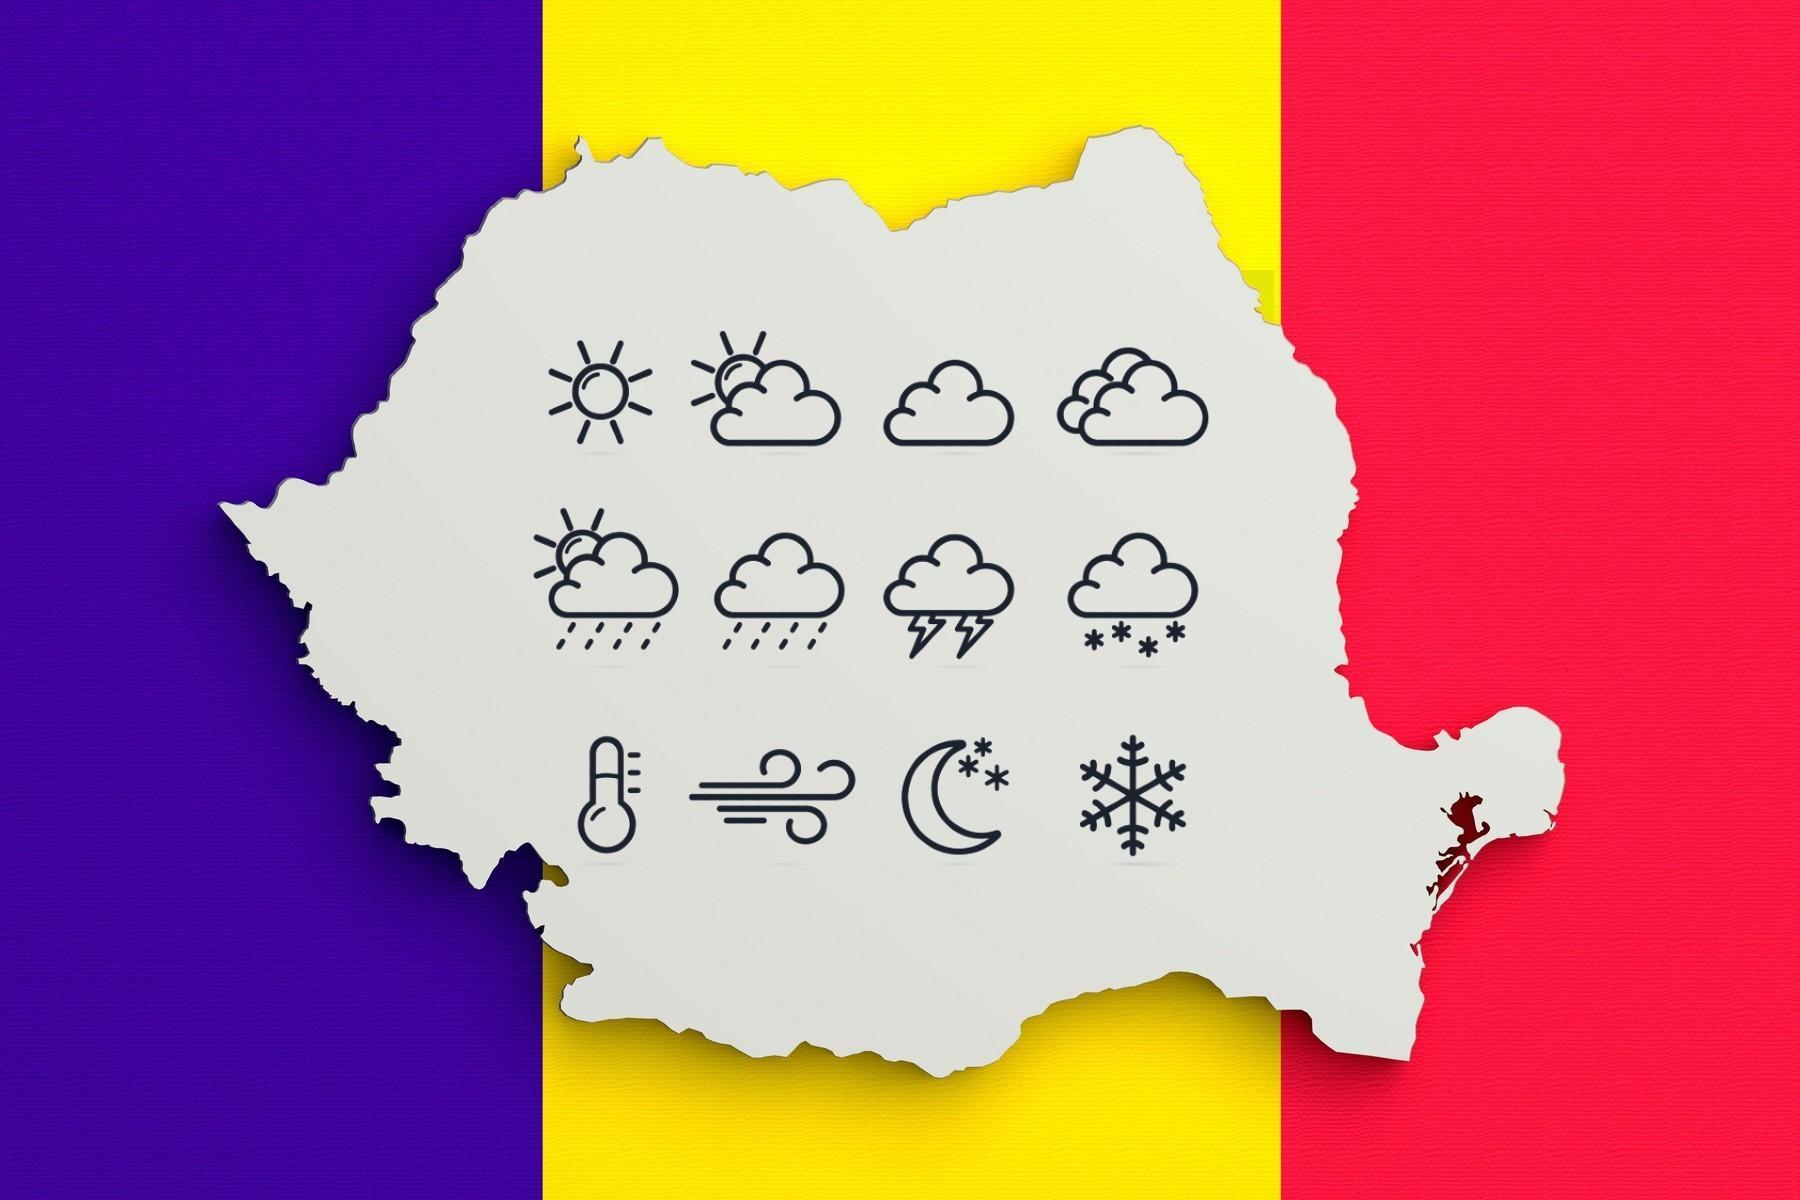 Prognoza Meteo, 4 august 2021. Cum va fi vremea în România și care sunt previziunile ANM pentru astăzi